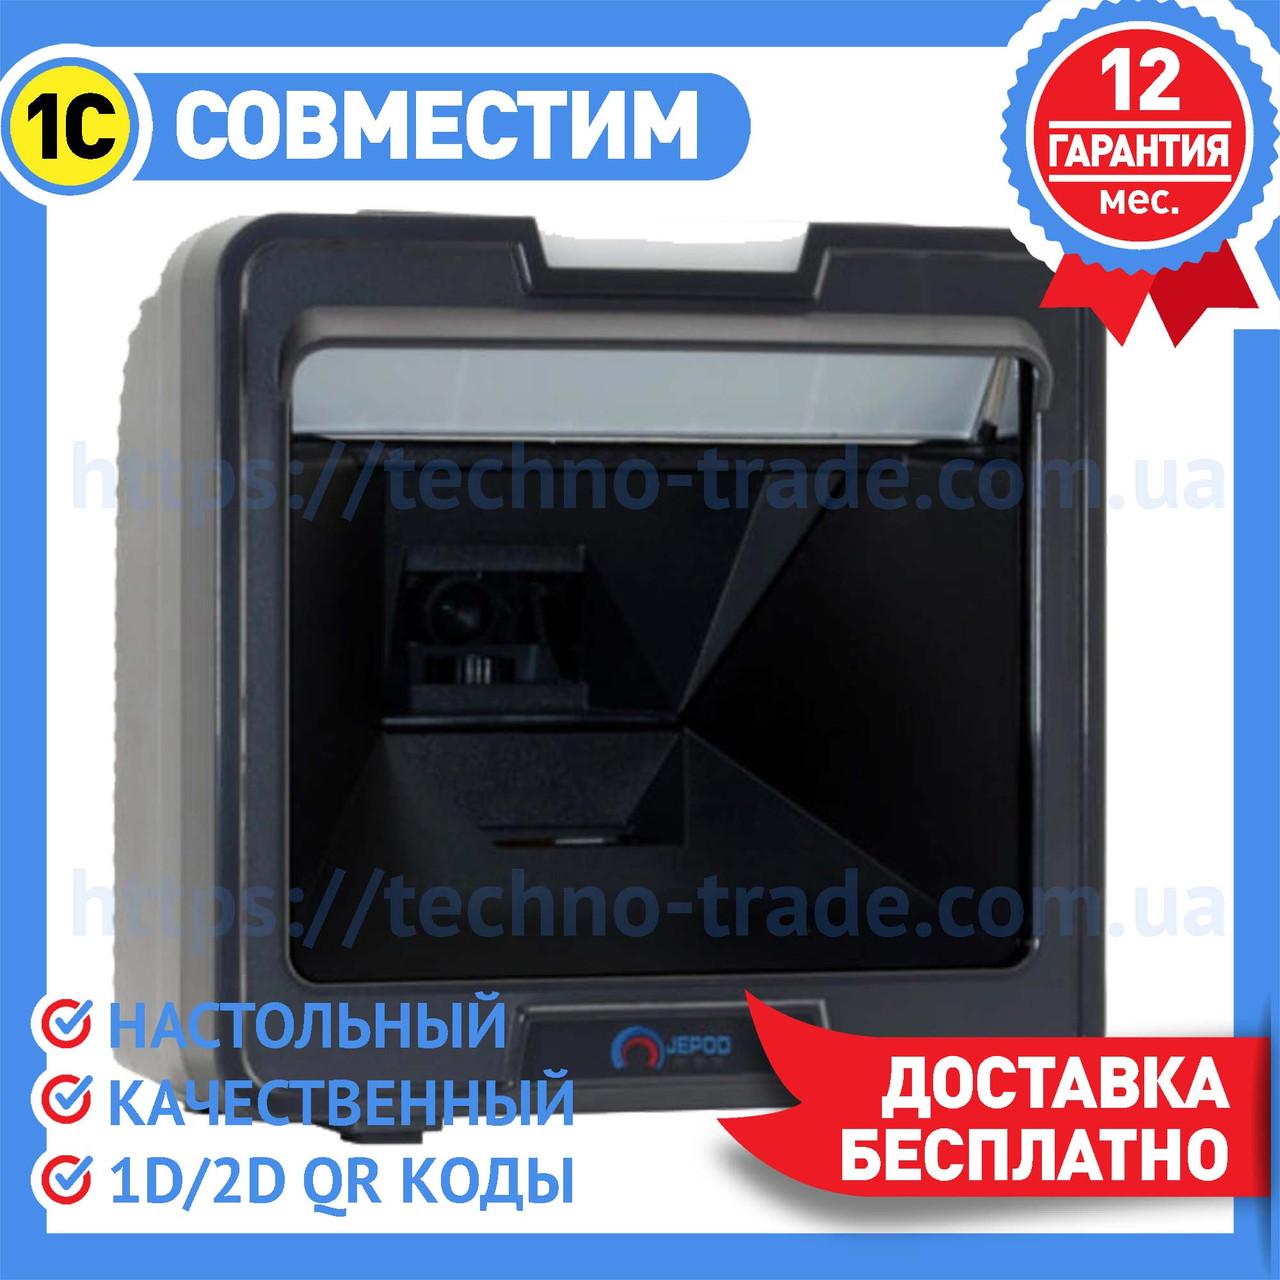 Настольный сканер штрих-кода JP OM-8 1D/2D для магазина/супермаркета всенаправленный